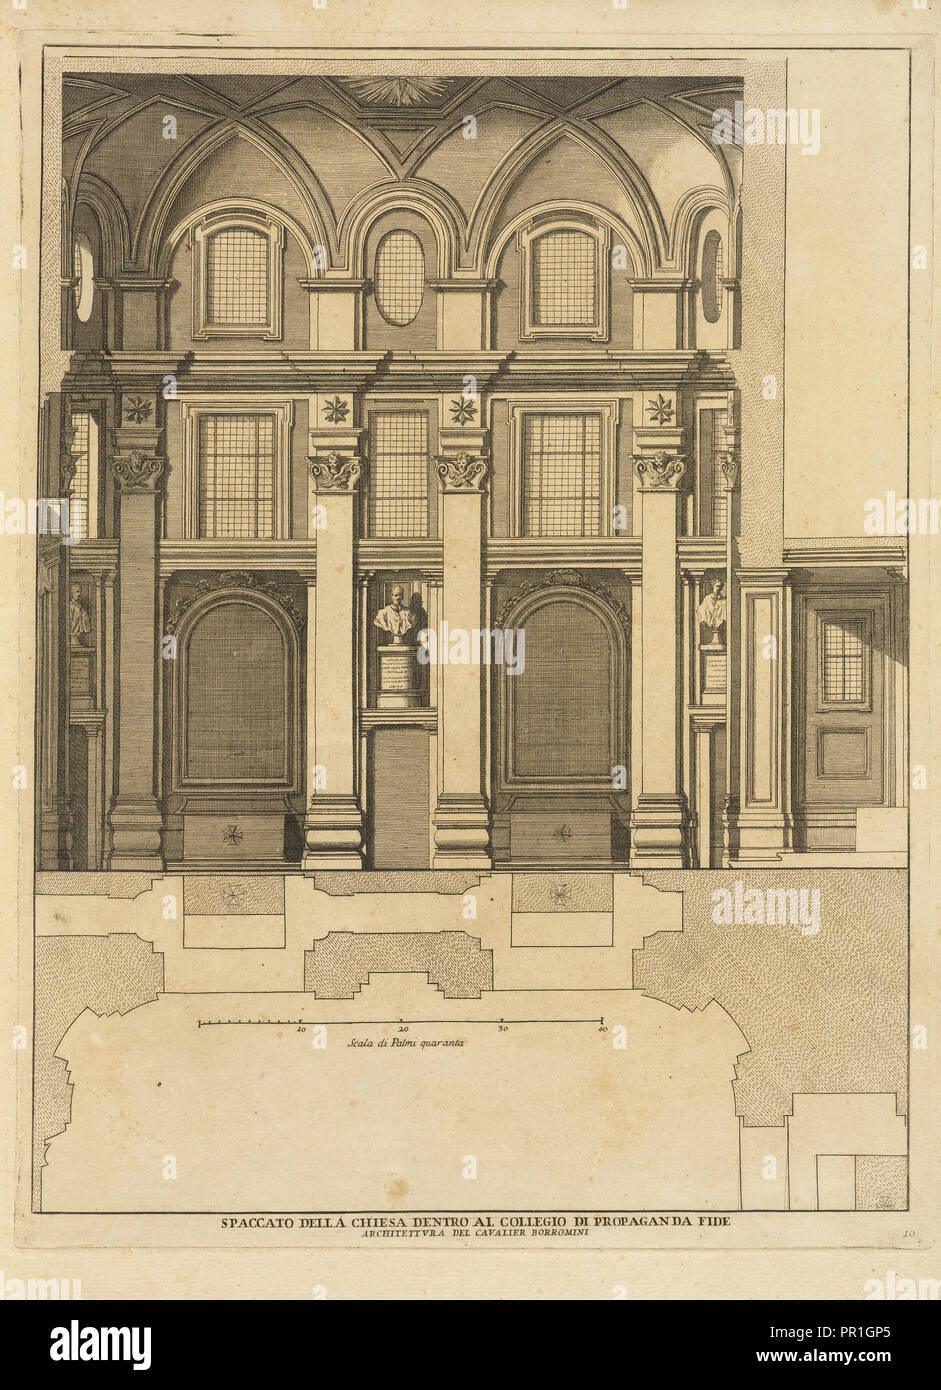 Spaccato della chiesa dentro al Collegio di Propaganda Fide, Stvdio d'architettvra civile sopra gli ornamenti di porte Immagini Stock